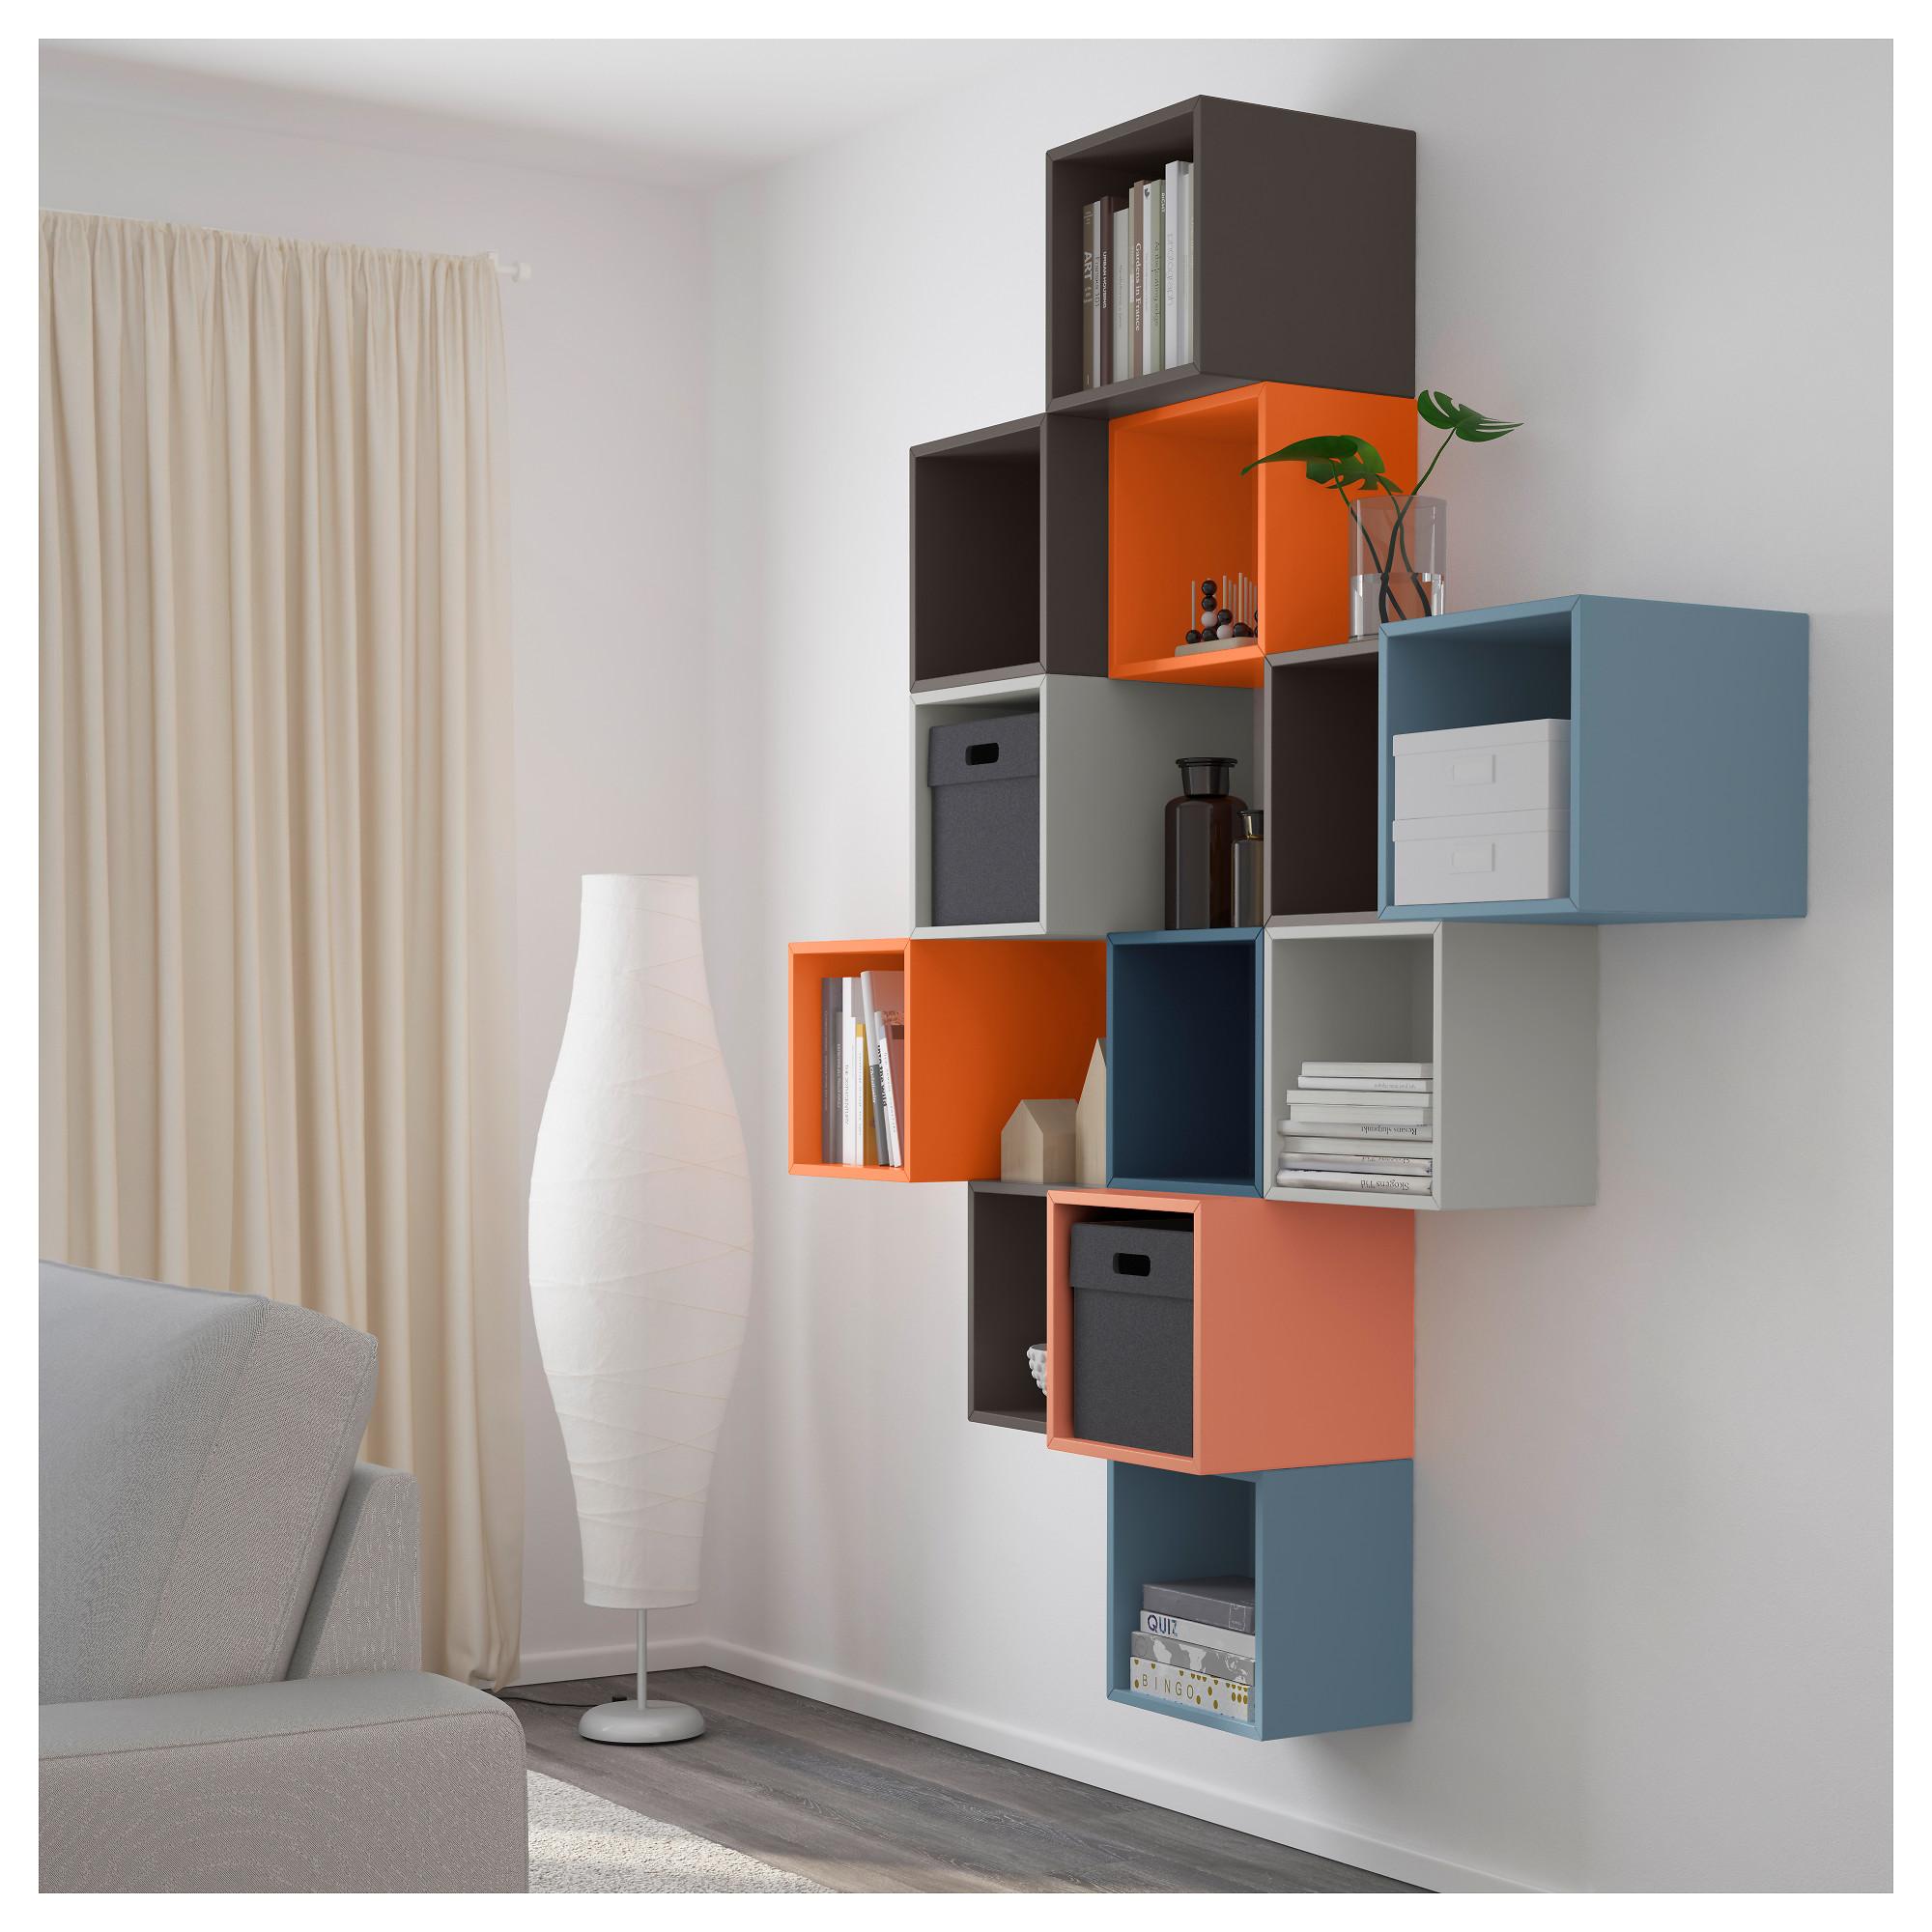 Купить комбинация настенных шкафов экет, разноцветный в икеа.